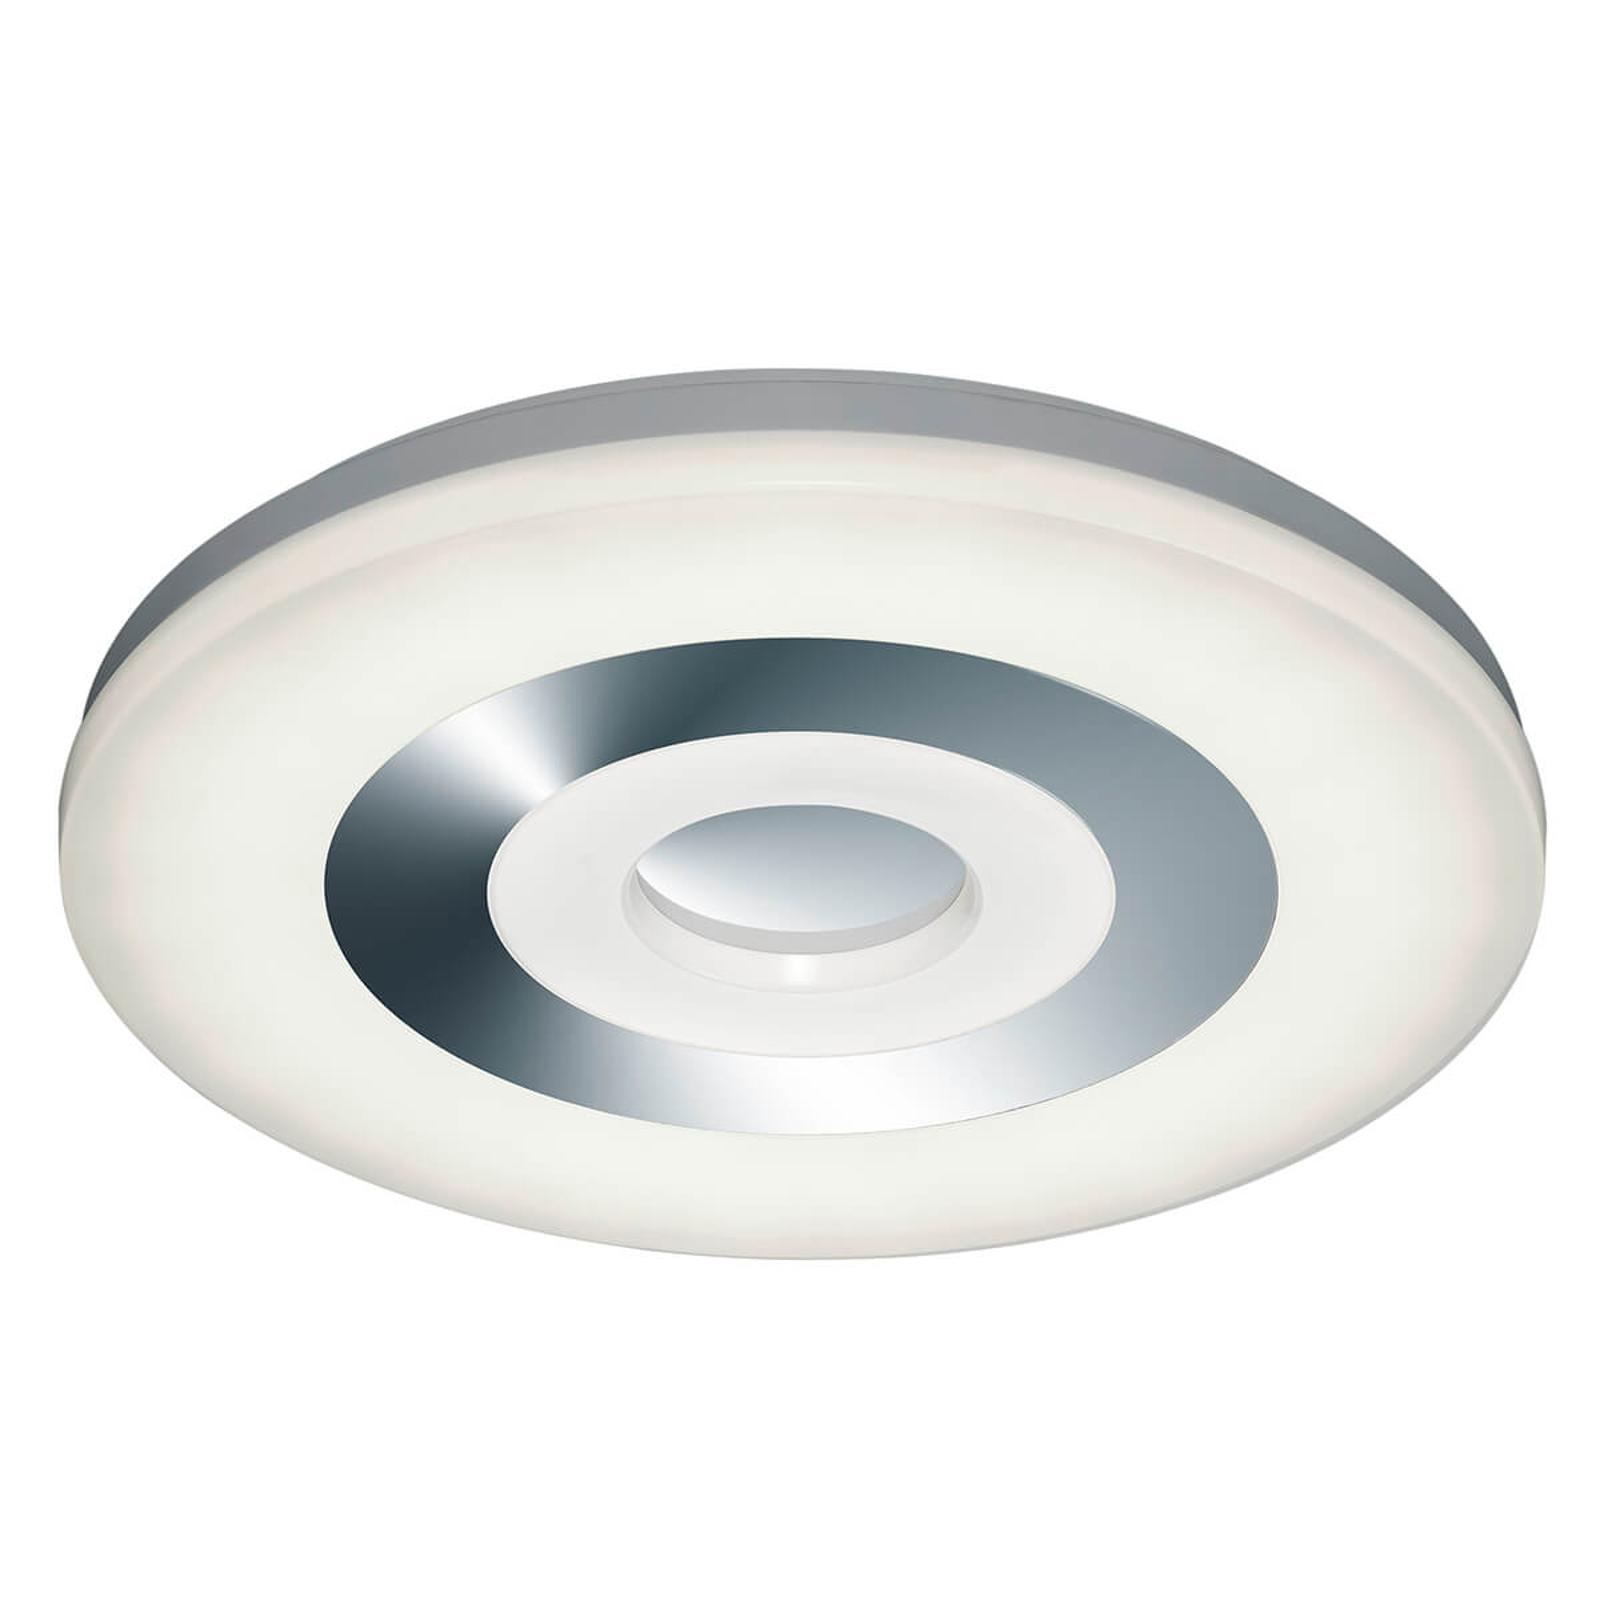 Acquista Plafoniera LED Shaolin, colore di luce regolabile